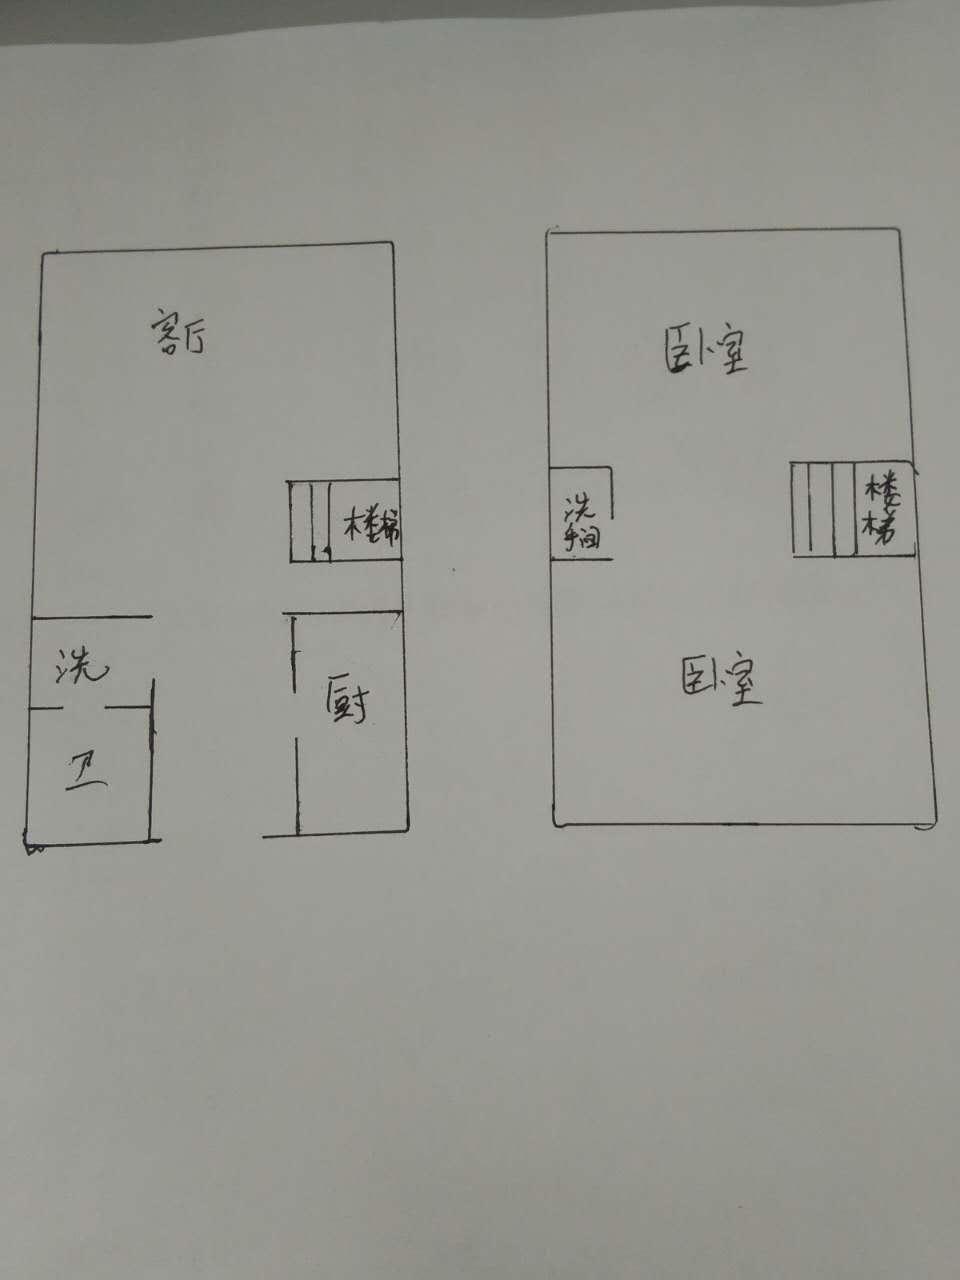 未来城 2室1厅 13楼